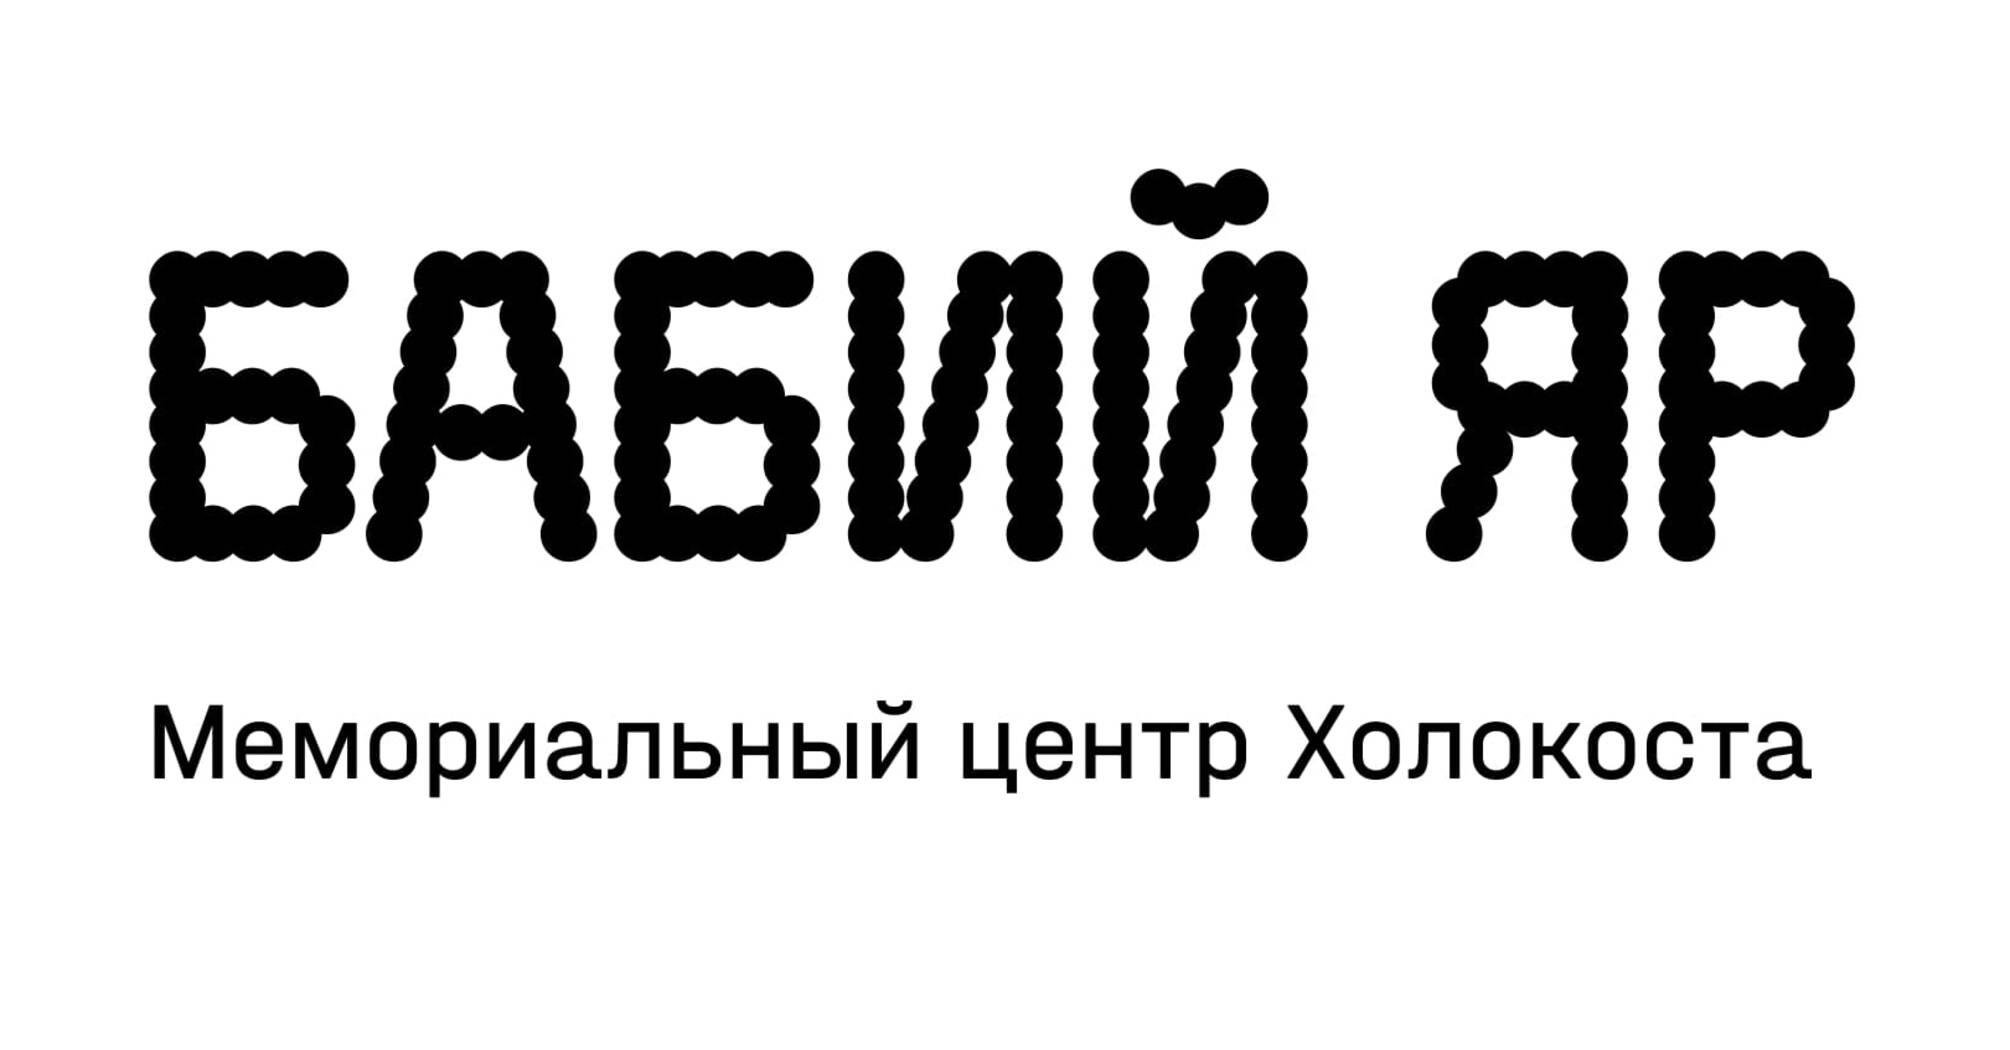 """""""Бабий Яр"""": что известно о фонде и мемориальном центре Холокоста?"""